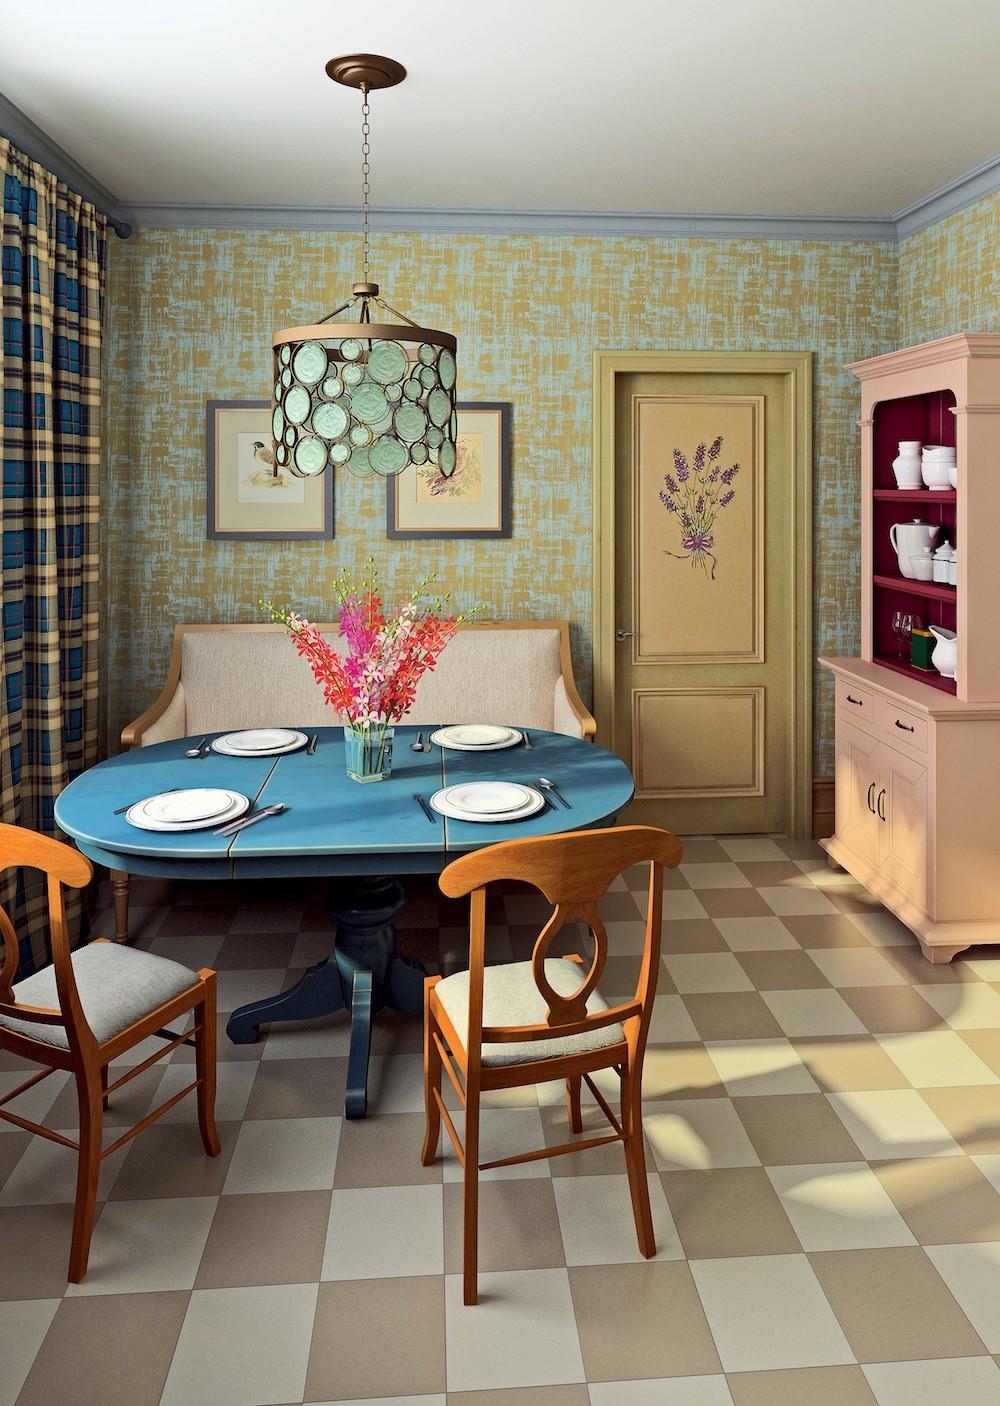 Кухня компенсирует отсутствие гостиной, поэтому обеденная зона меблирована с максимальным удобством. Благодаря клетчатым шторам и бумажным обоямс рисунком, имитирующим штукатурку (так же...